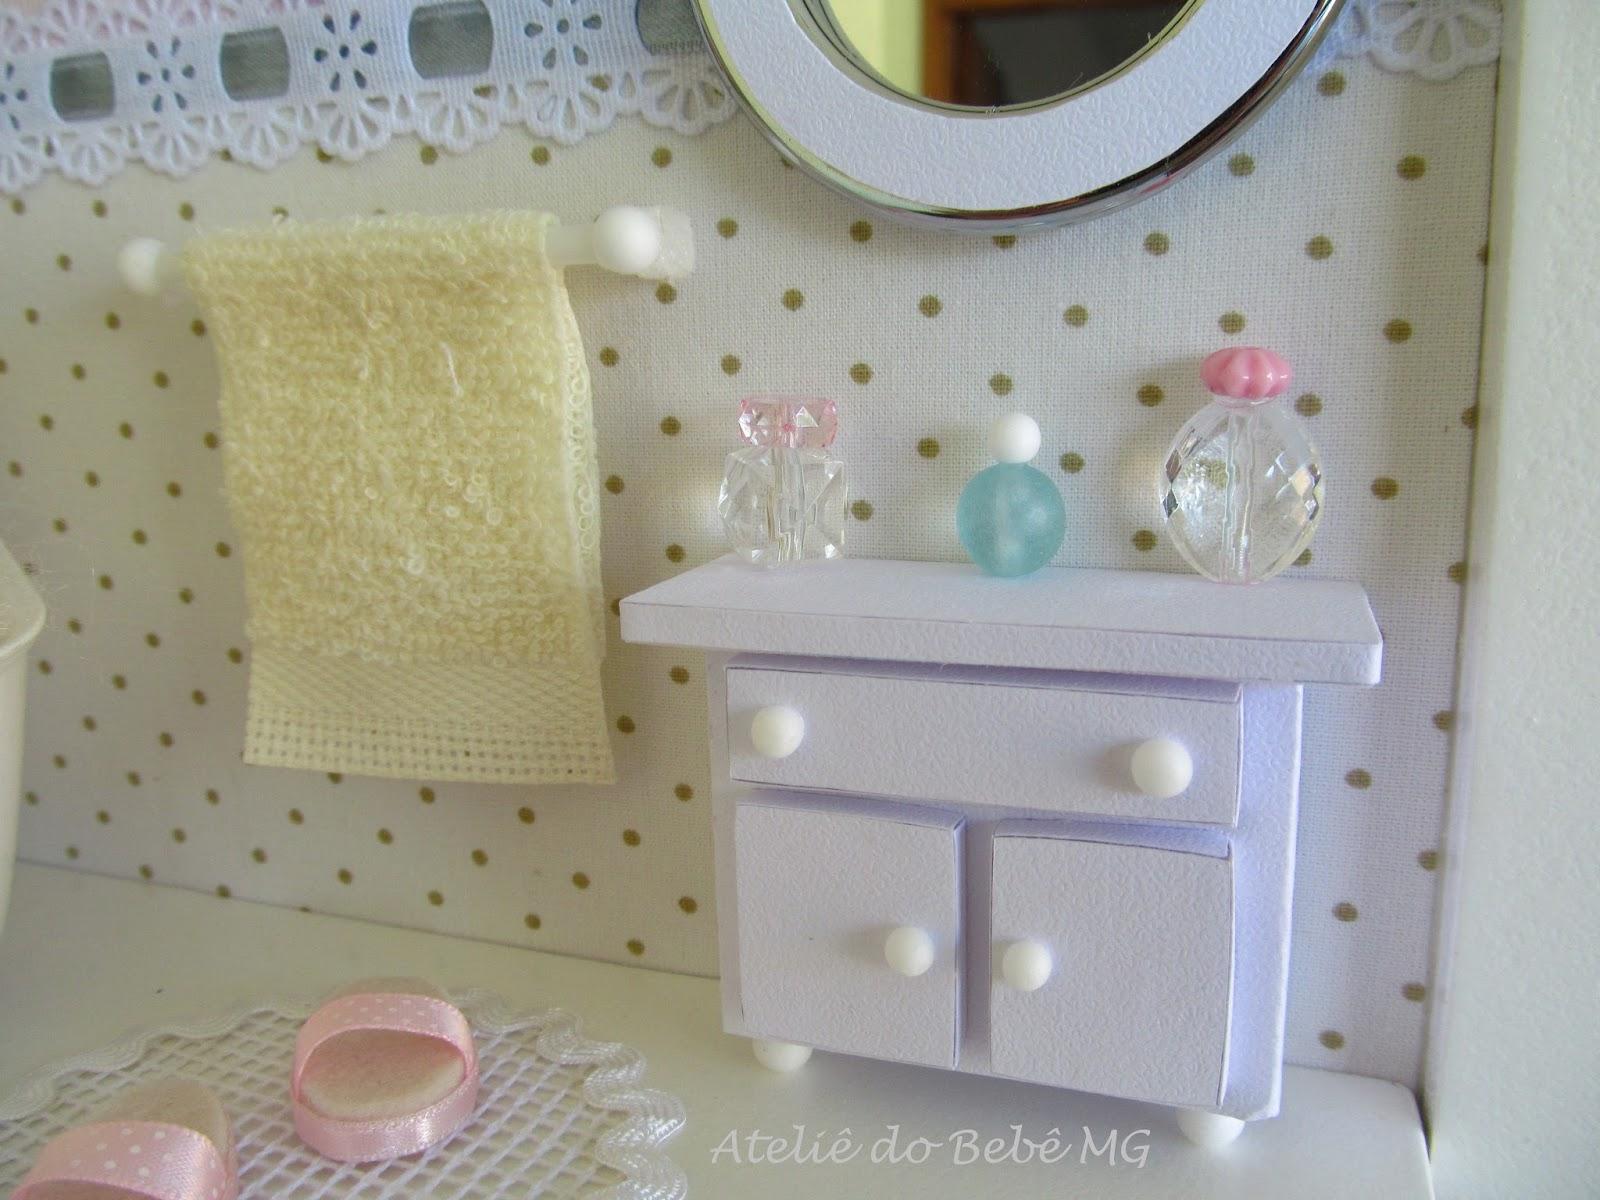 ; todas as cores combinando com a decoração rosa cinza e bege #726A44 1600x1200 Banheiro Cinza Com Bege